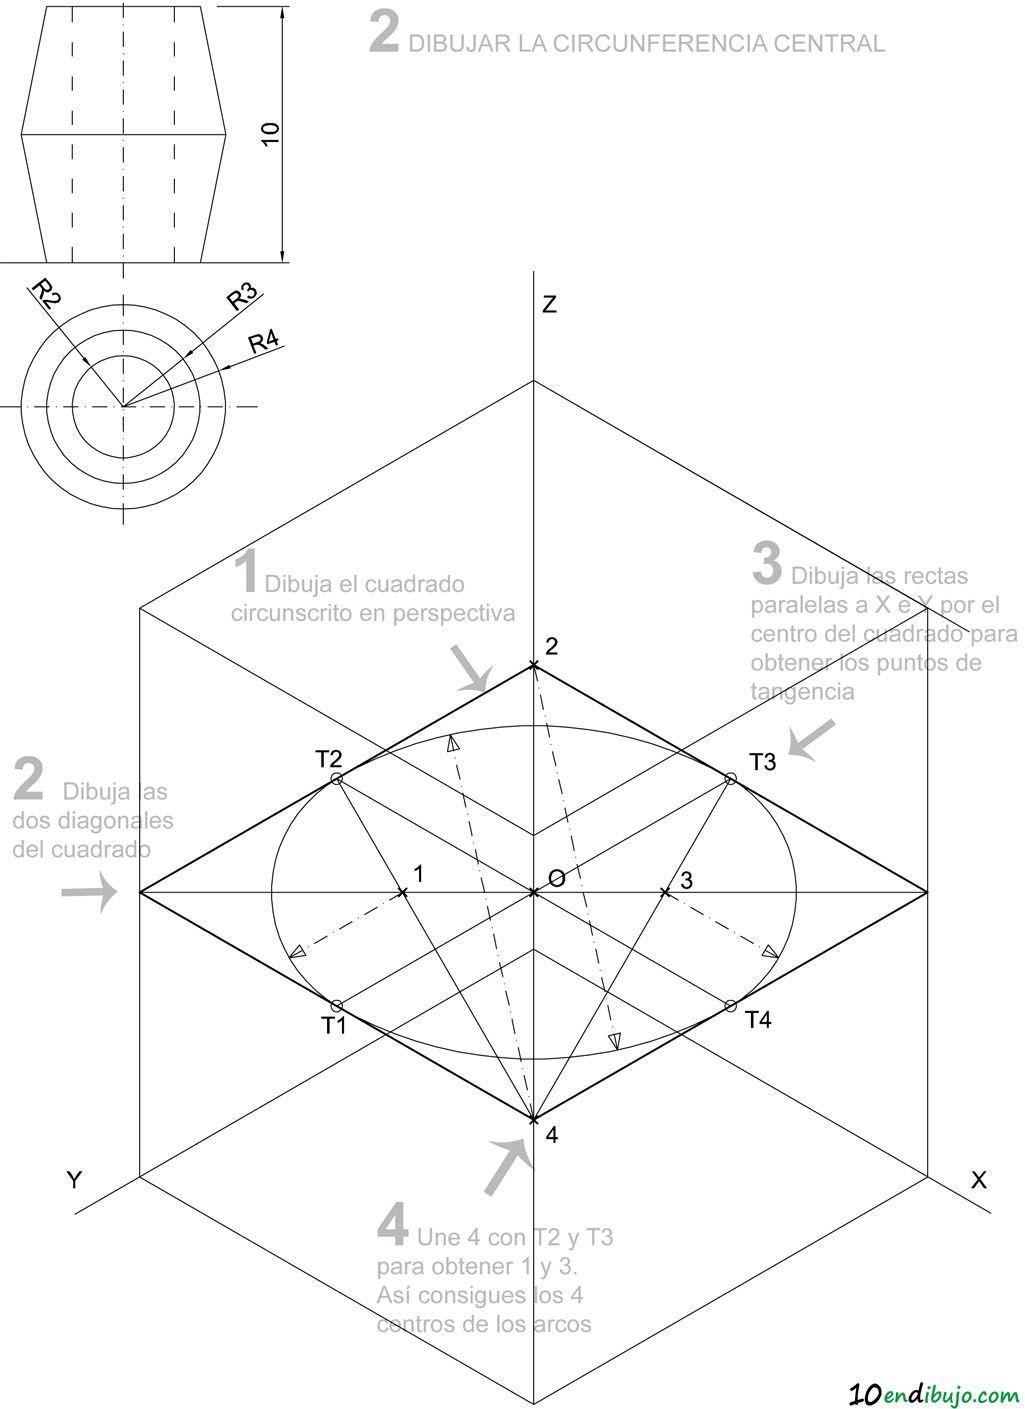 circunferencia central